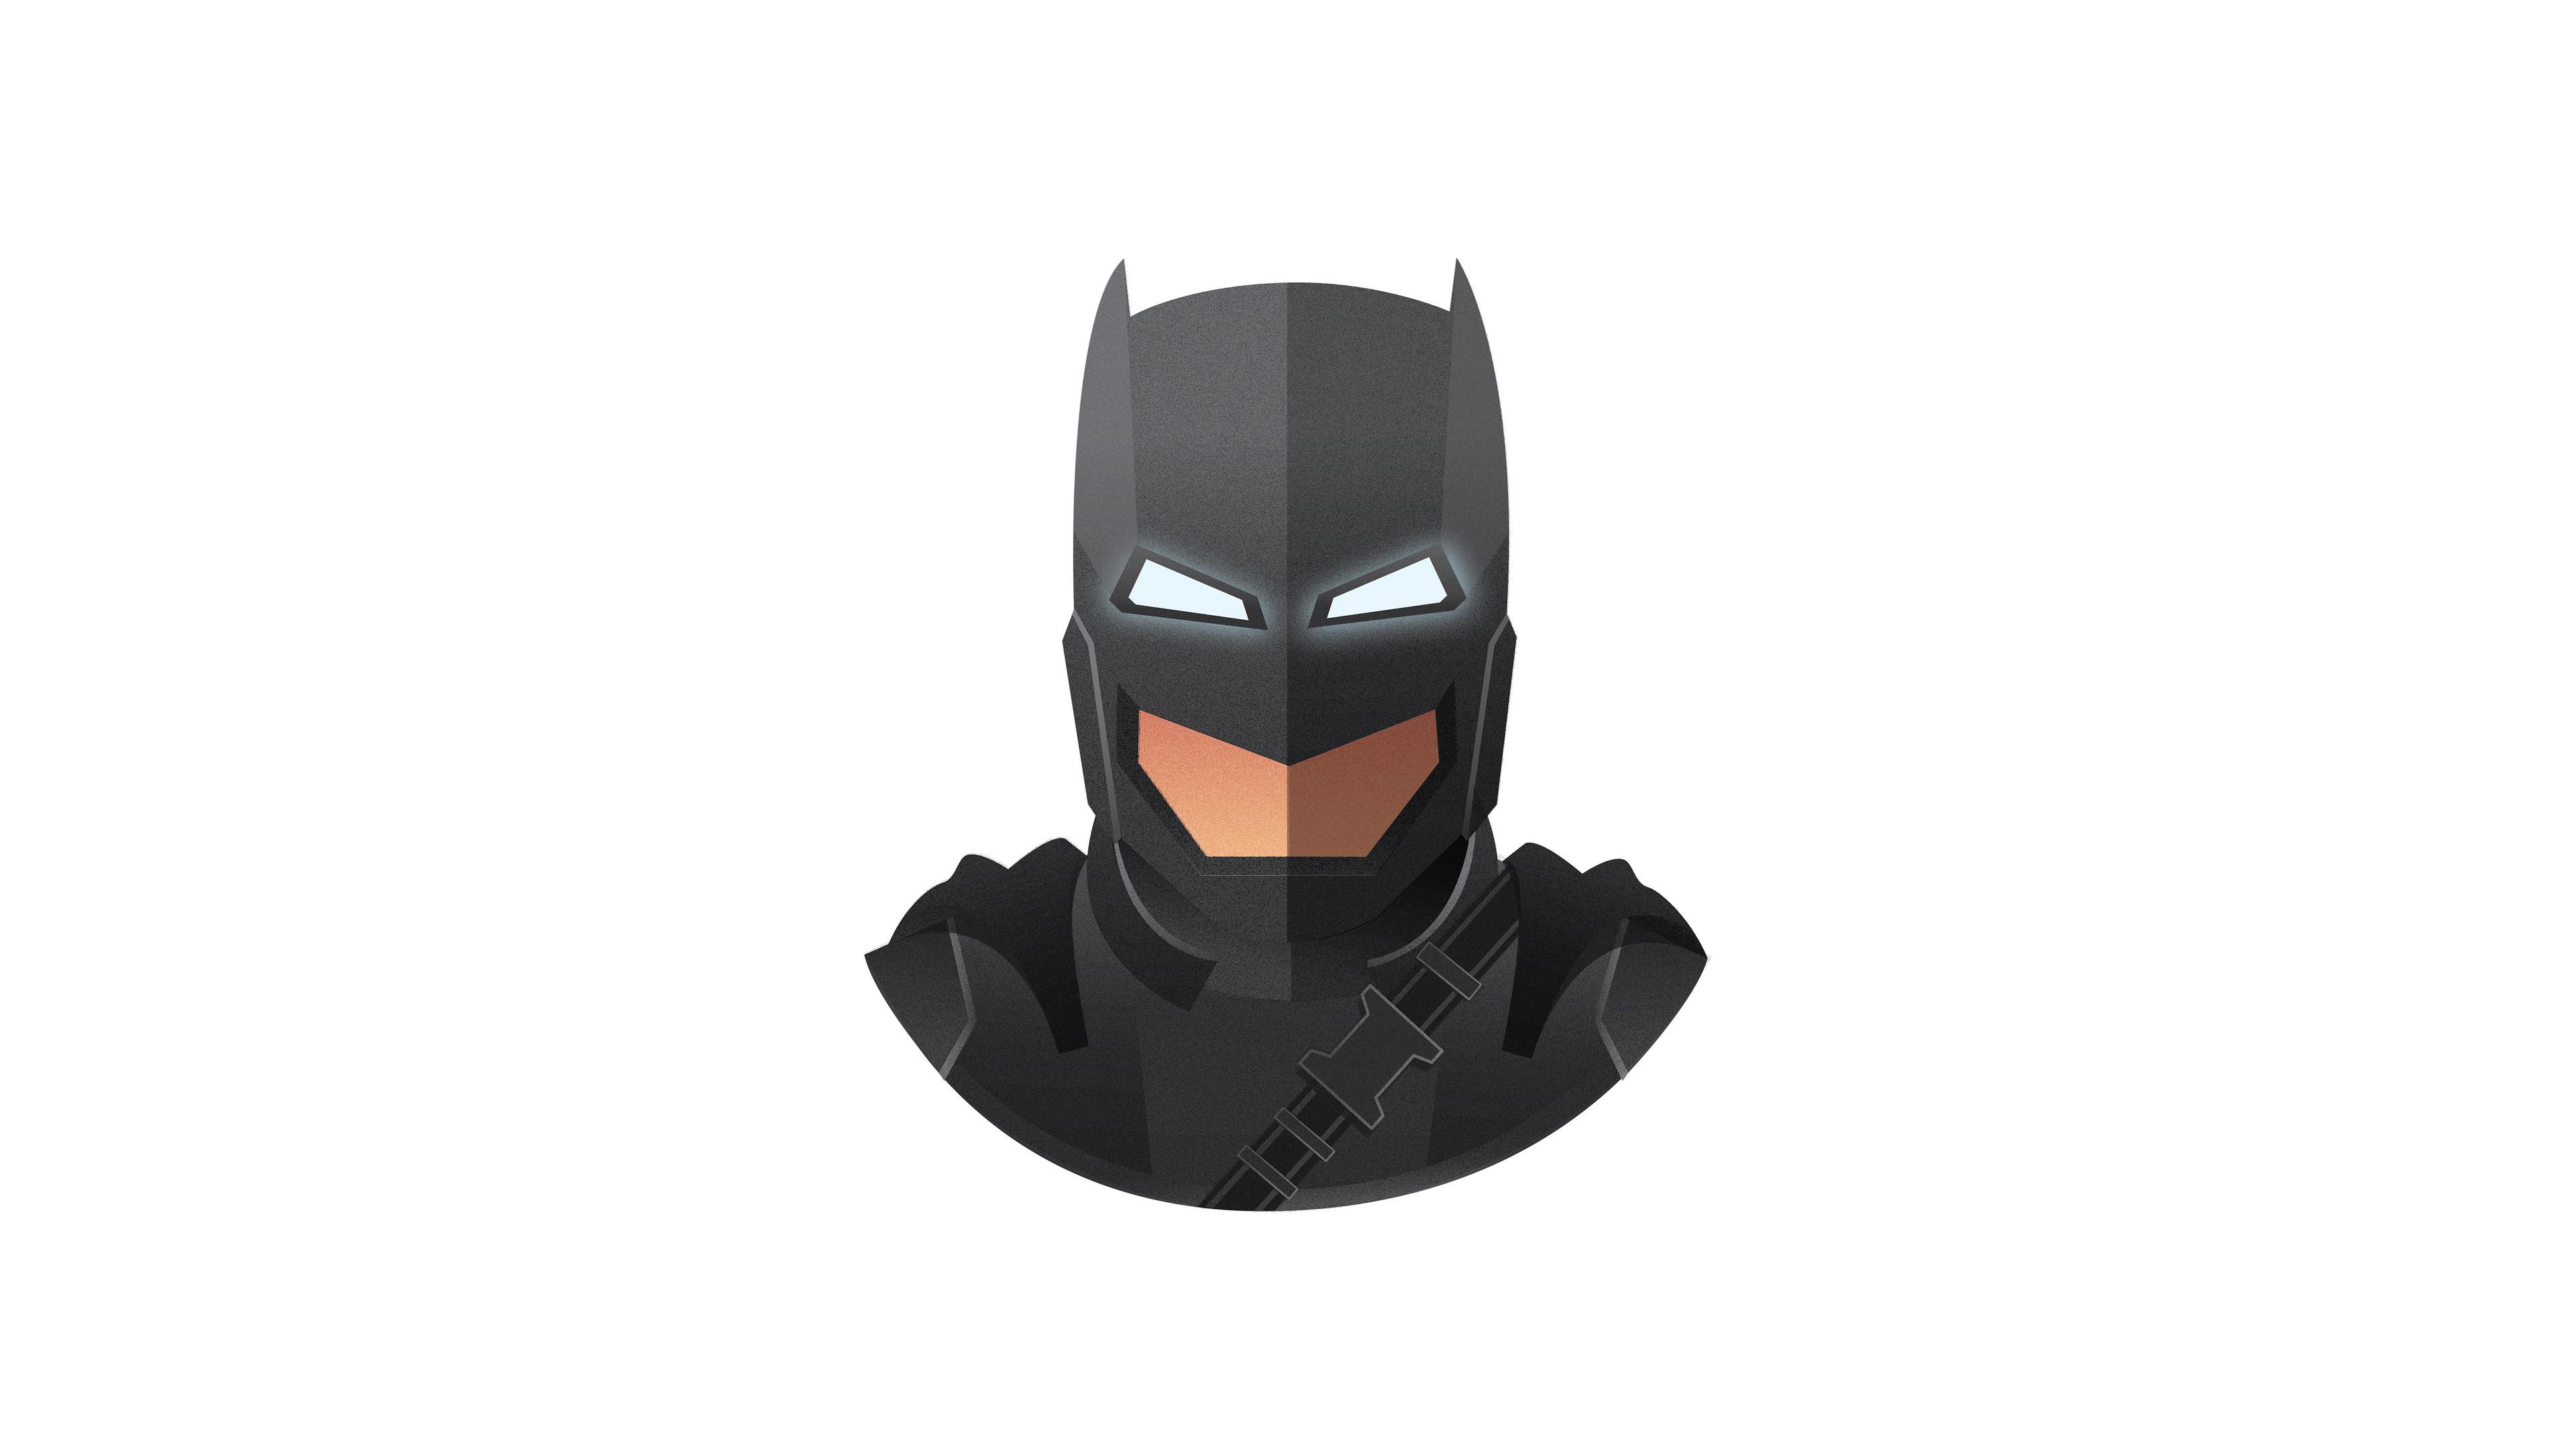 batman mech suit mask minimalism 5k 1536524060 - Batman Mech Suit Mask Minimalism 5k - superheroes wallpapers, minimalism wallpapers, hd-wallpapers, digital art wallpapers, batman wallpapers, artwork wallpapers, 5k wallpapers, 4k-wallpapers